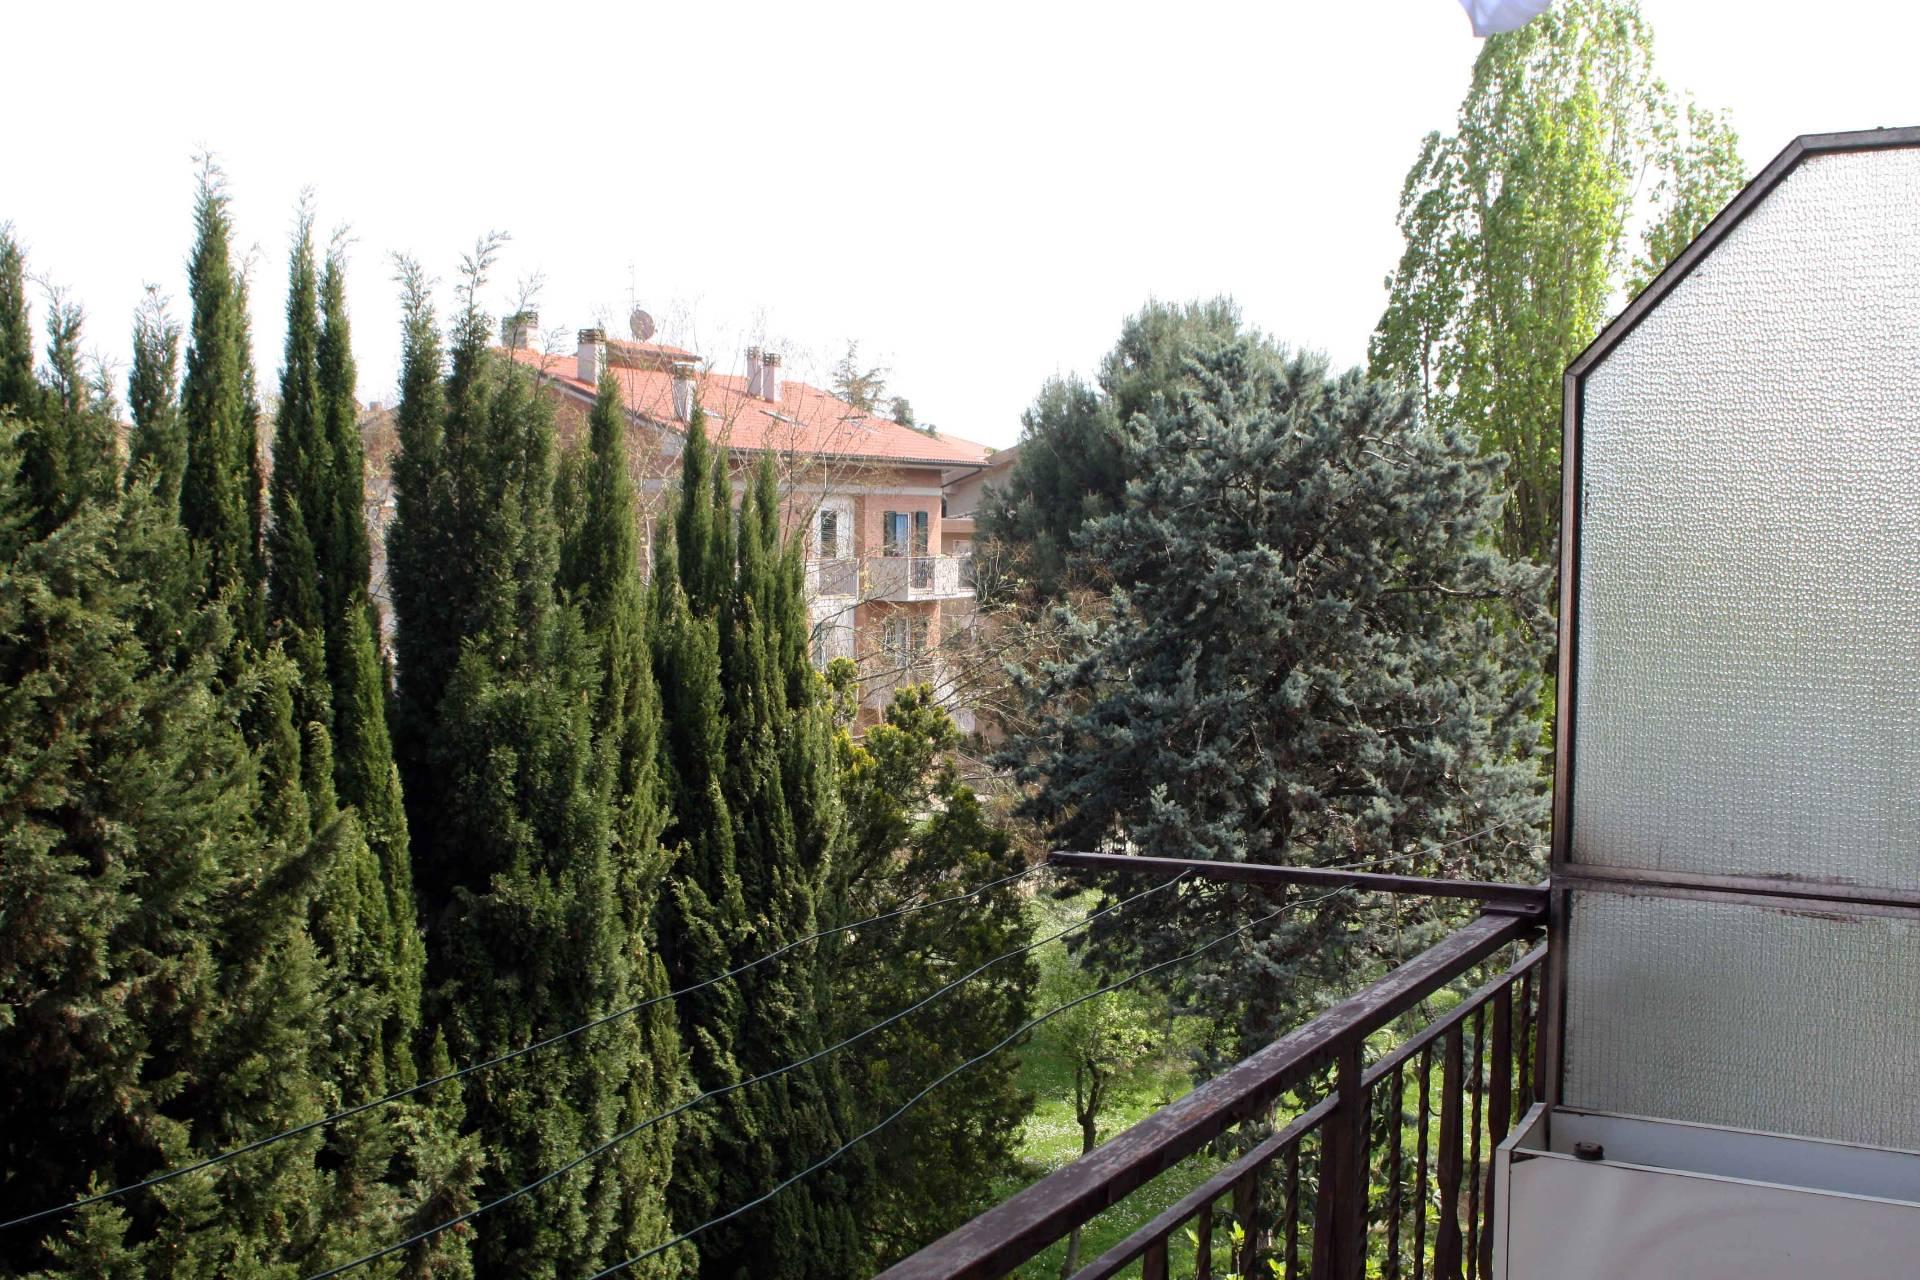 Appartamento in vendita a Monte San Vito, 4 locali, zona Zona: Borghetto, prezzo € 60.000 | Cambio Casa.it